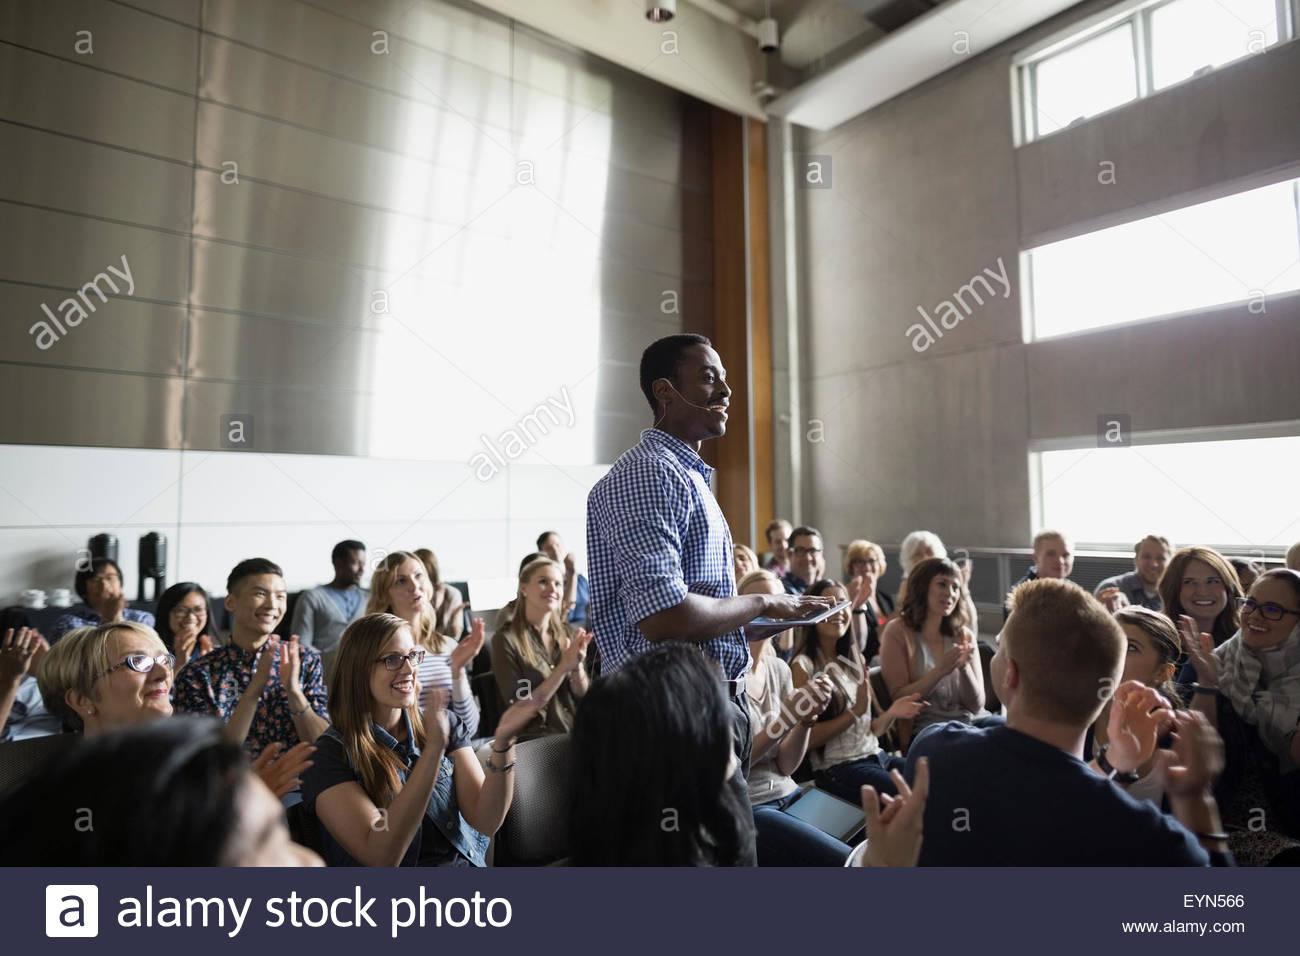 Professor Vortrag Auditorium Publikum Stockfoto